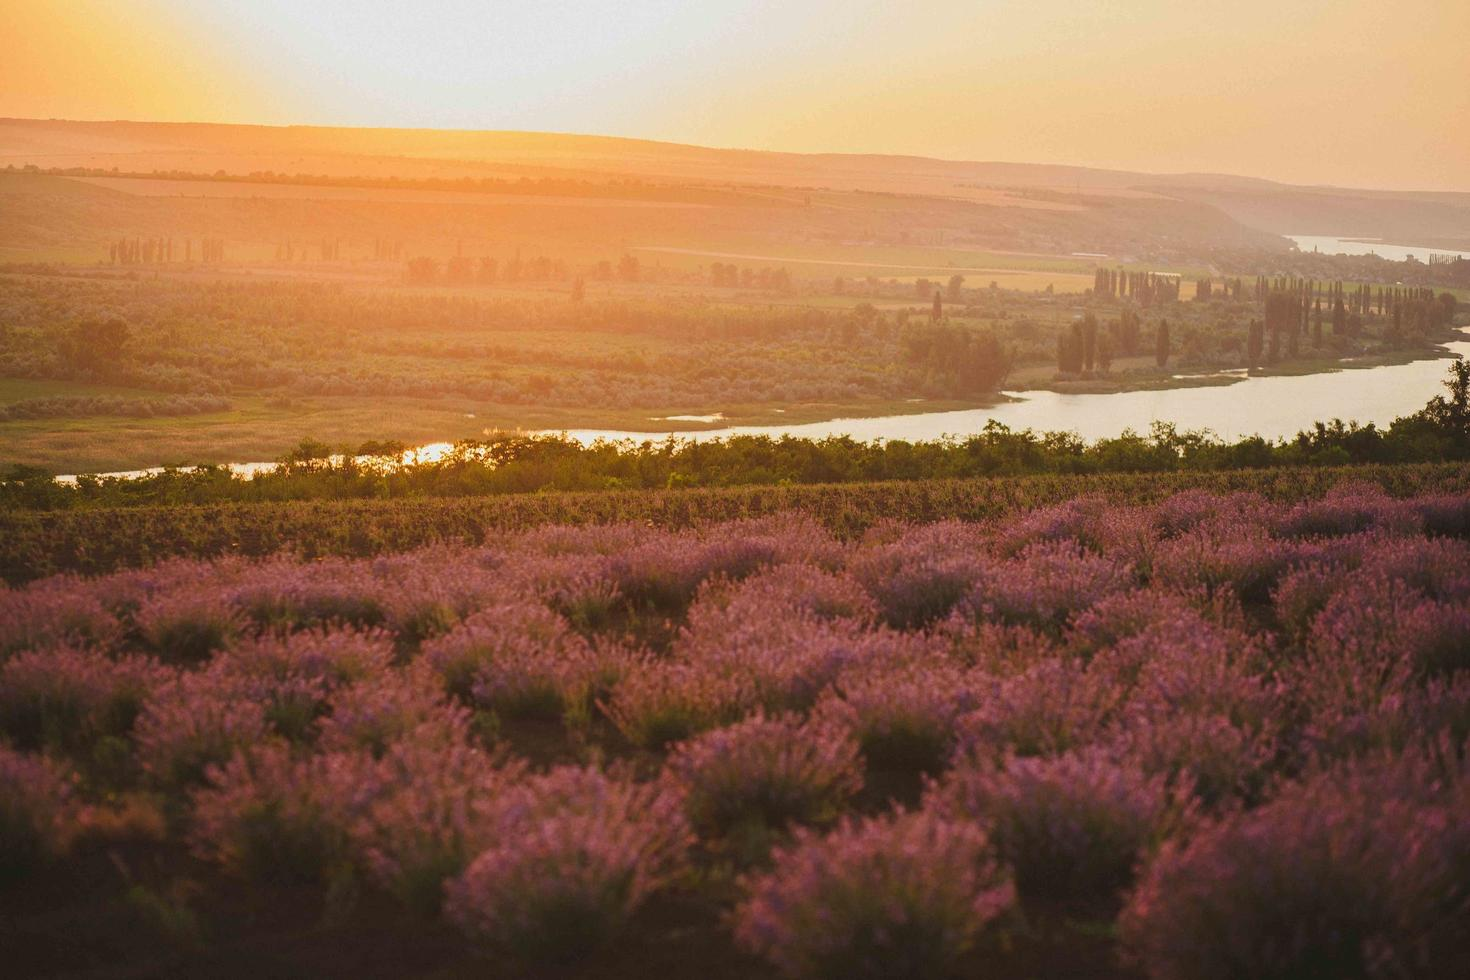 un champ de lavande près du ruisseau photo